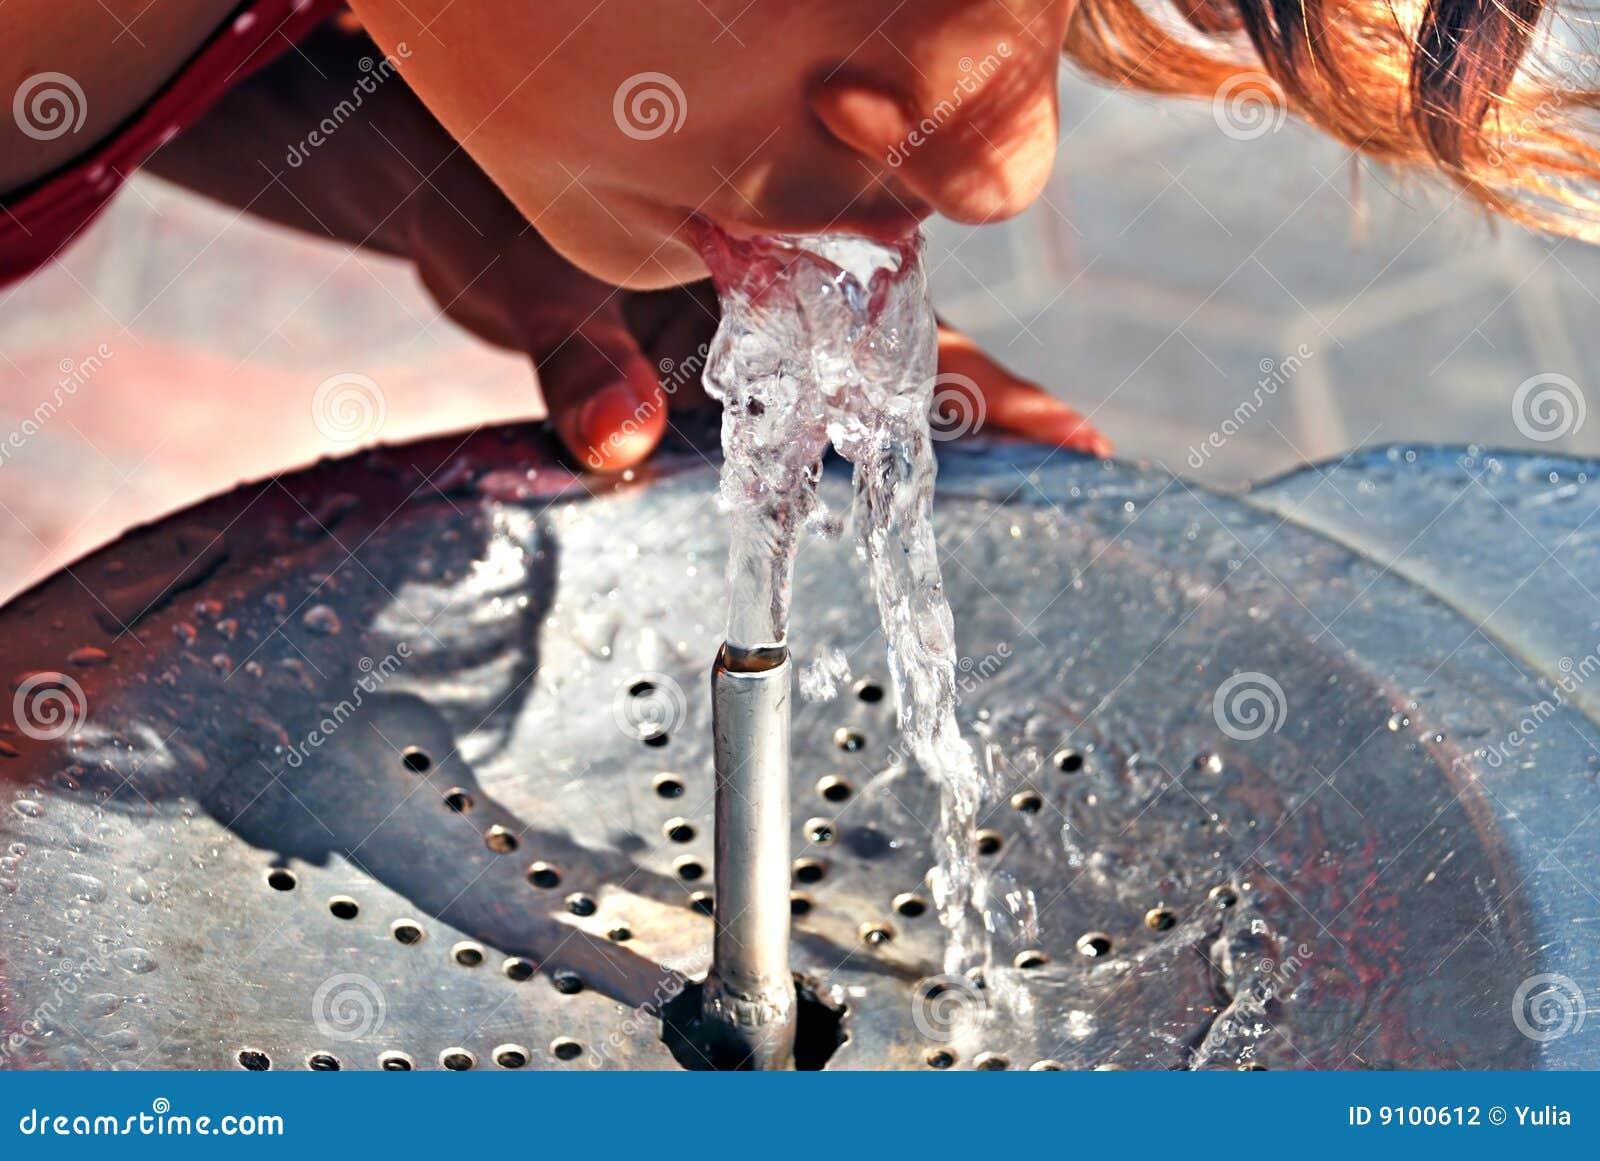 Bevendo dalla fontana di acqua